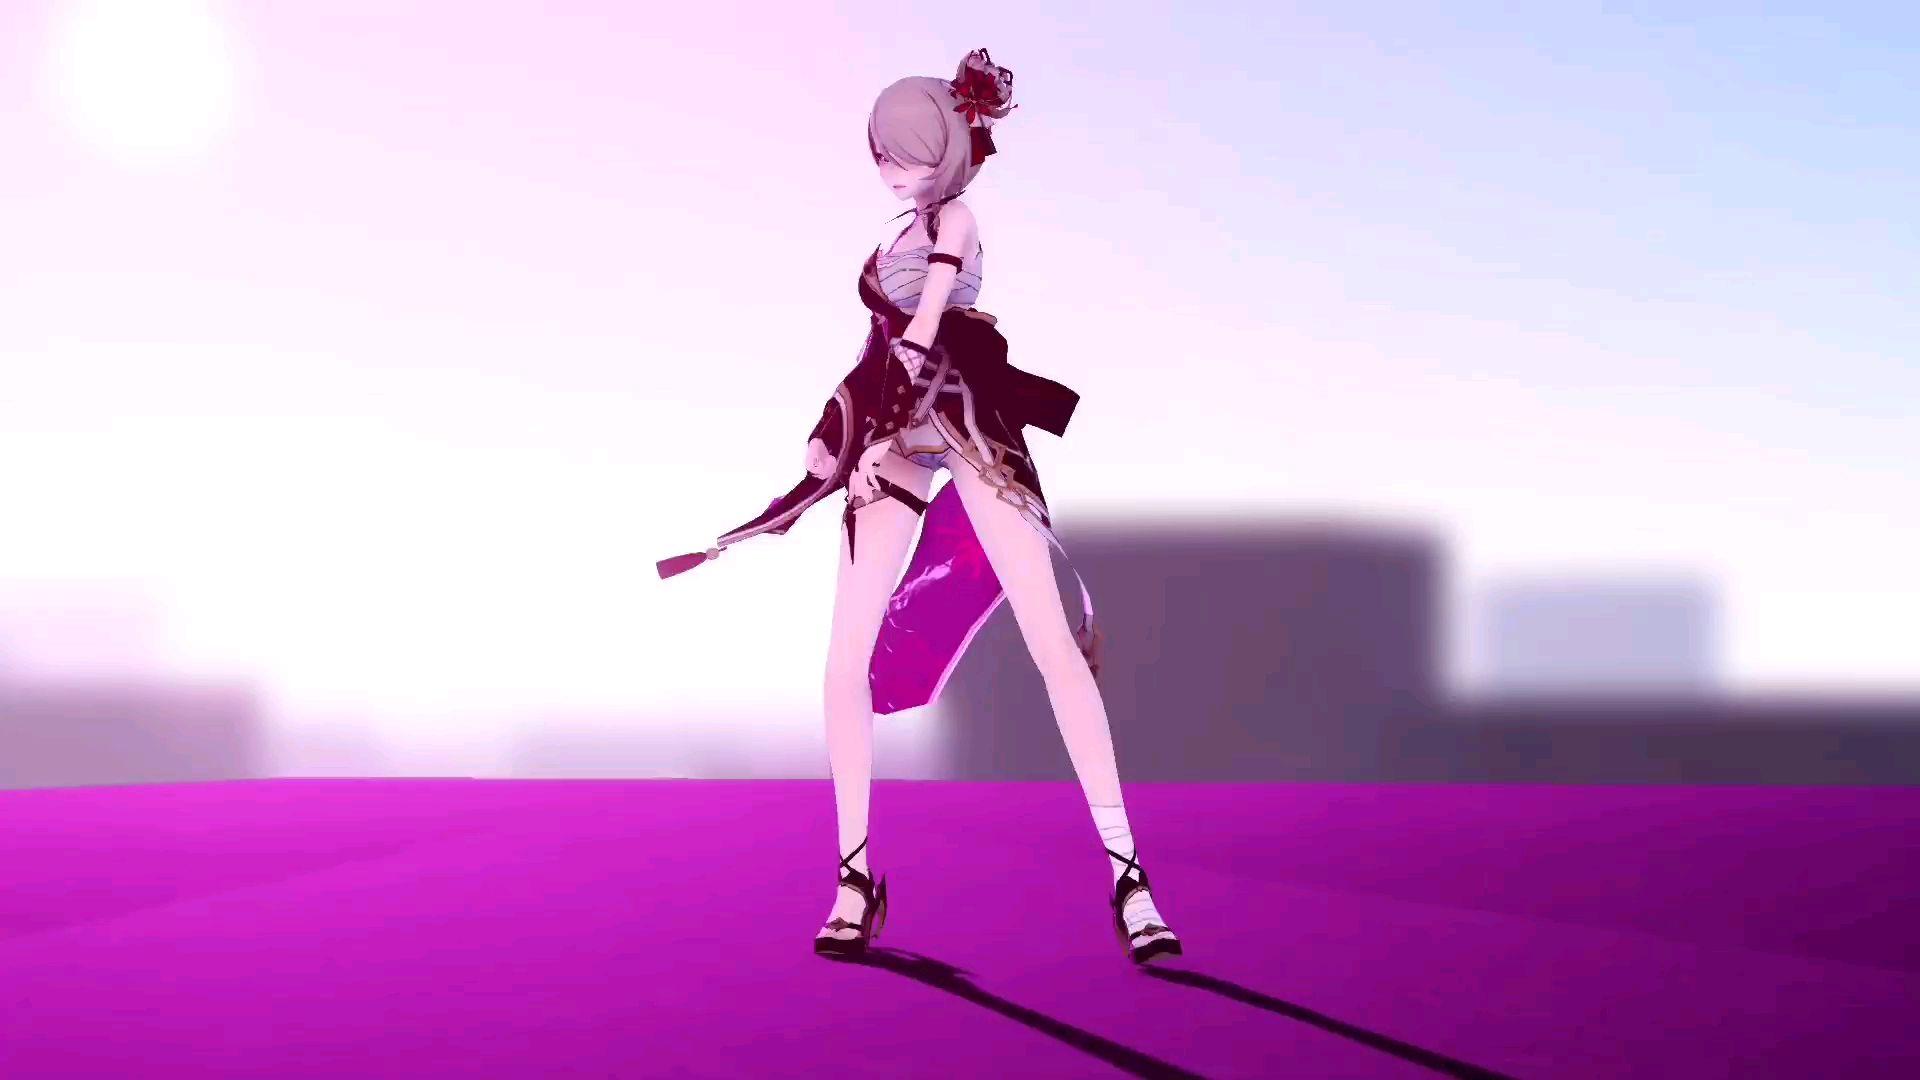 【崩坏3MMD】舰长我的腿白吗?